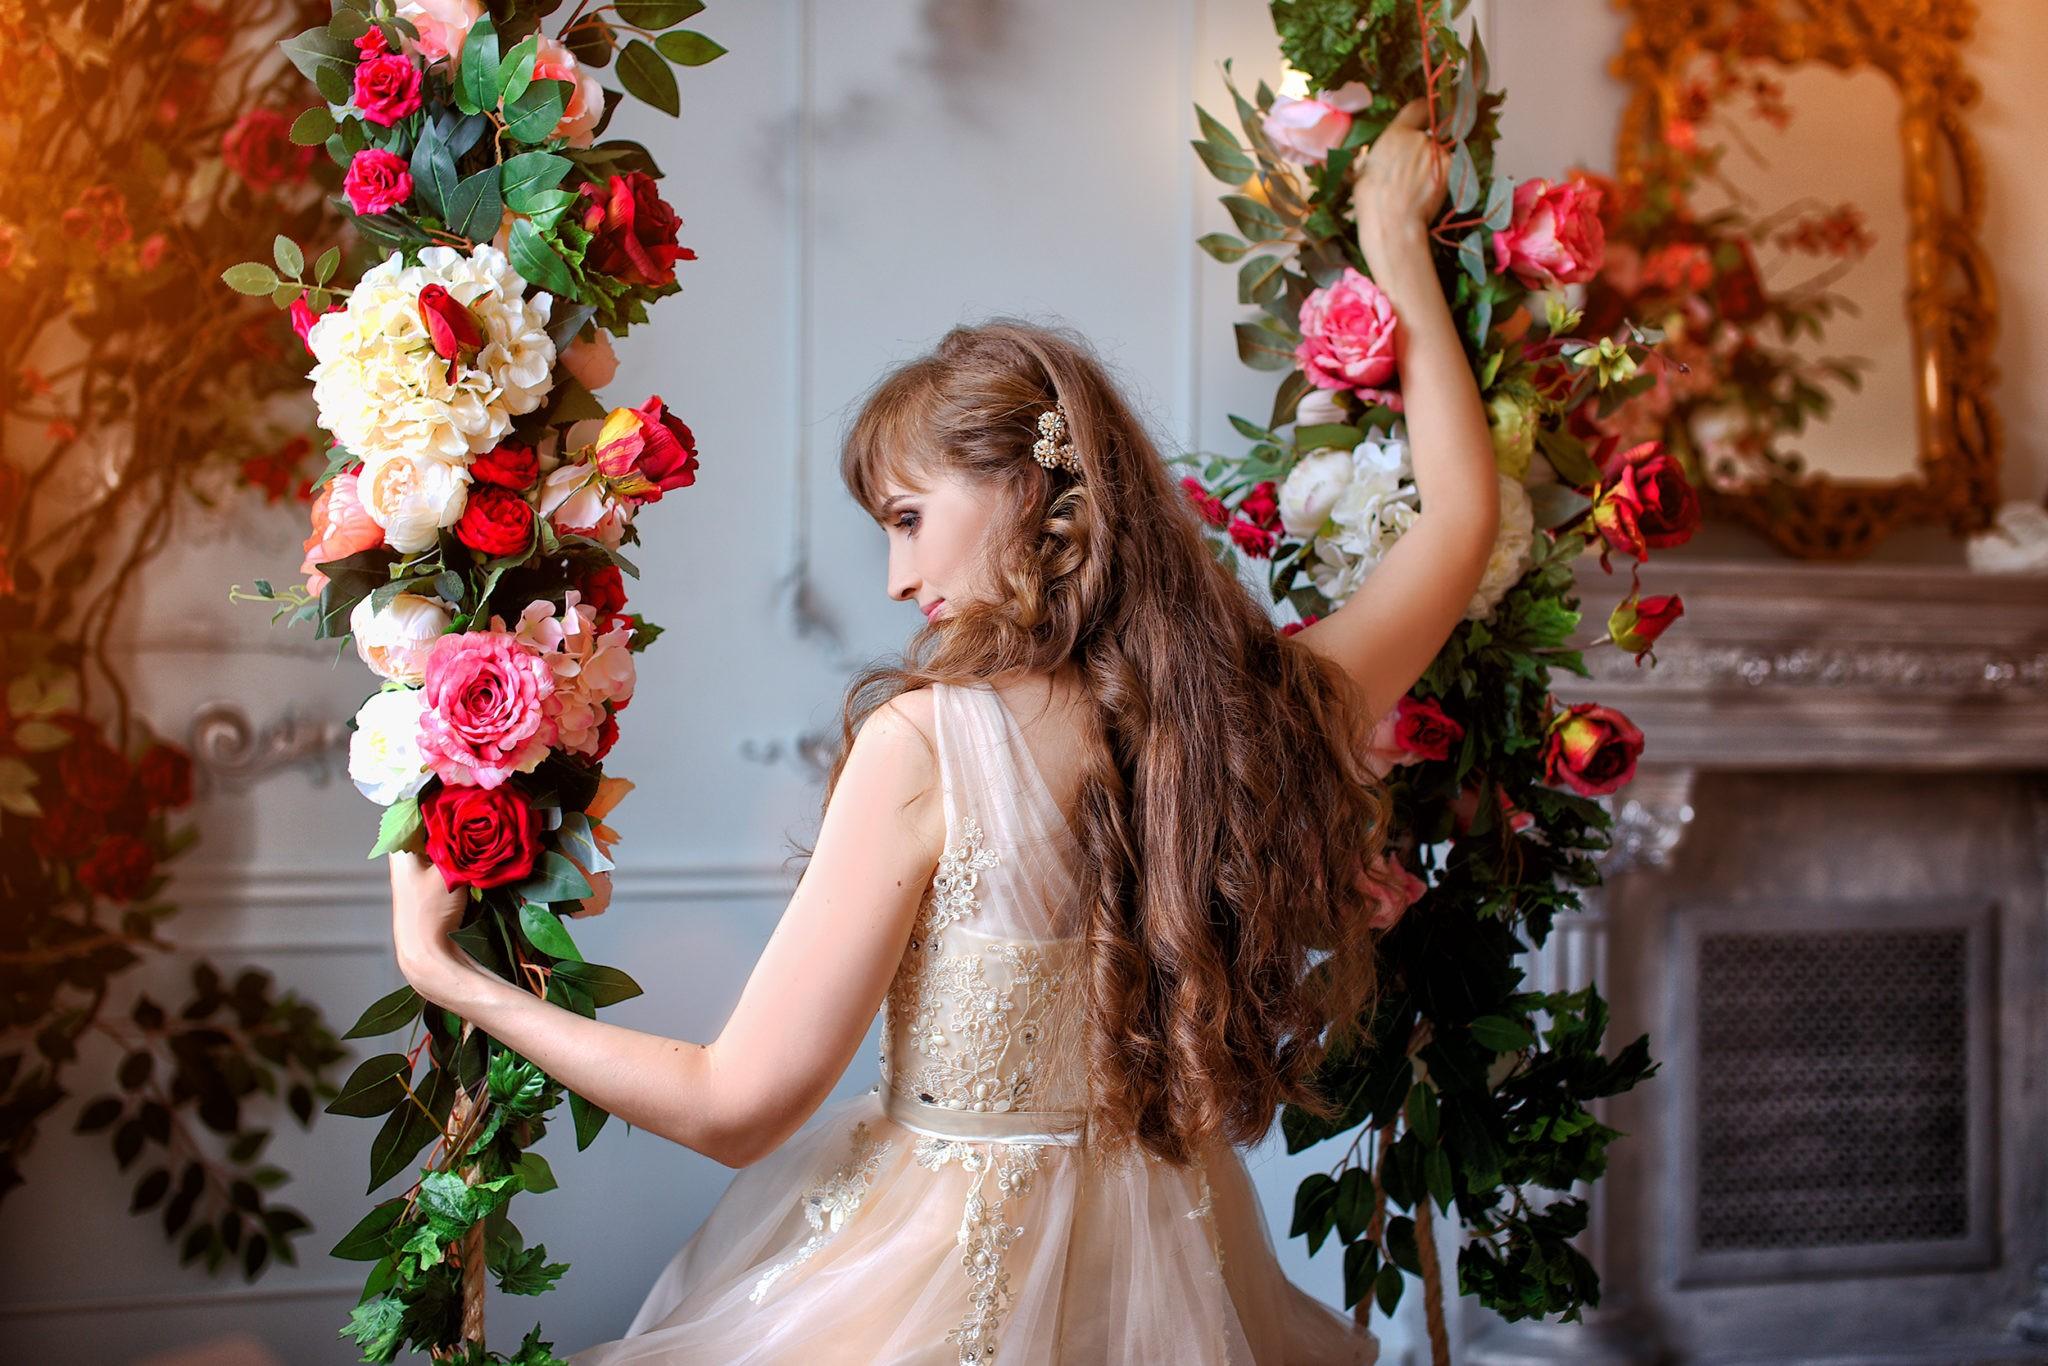 Студийная фотосъемка в интерьерной студии г. Краснодар от свадебного фотографа